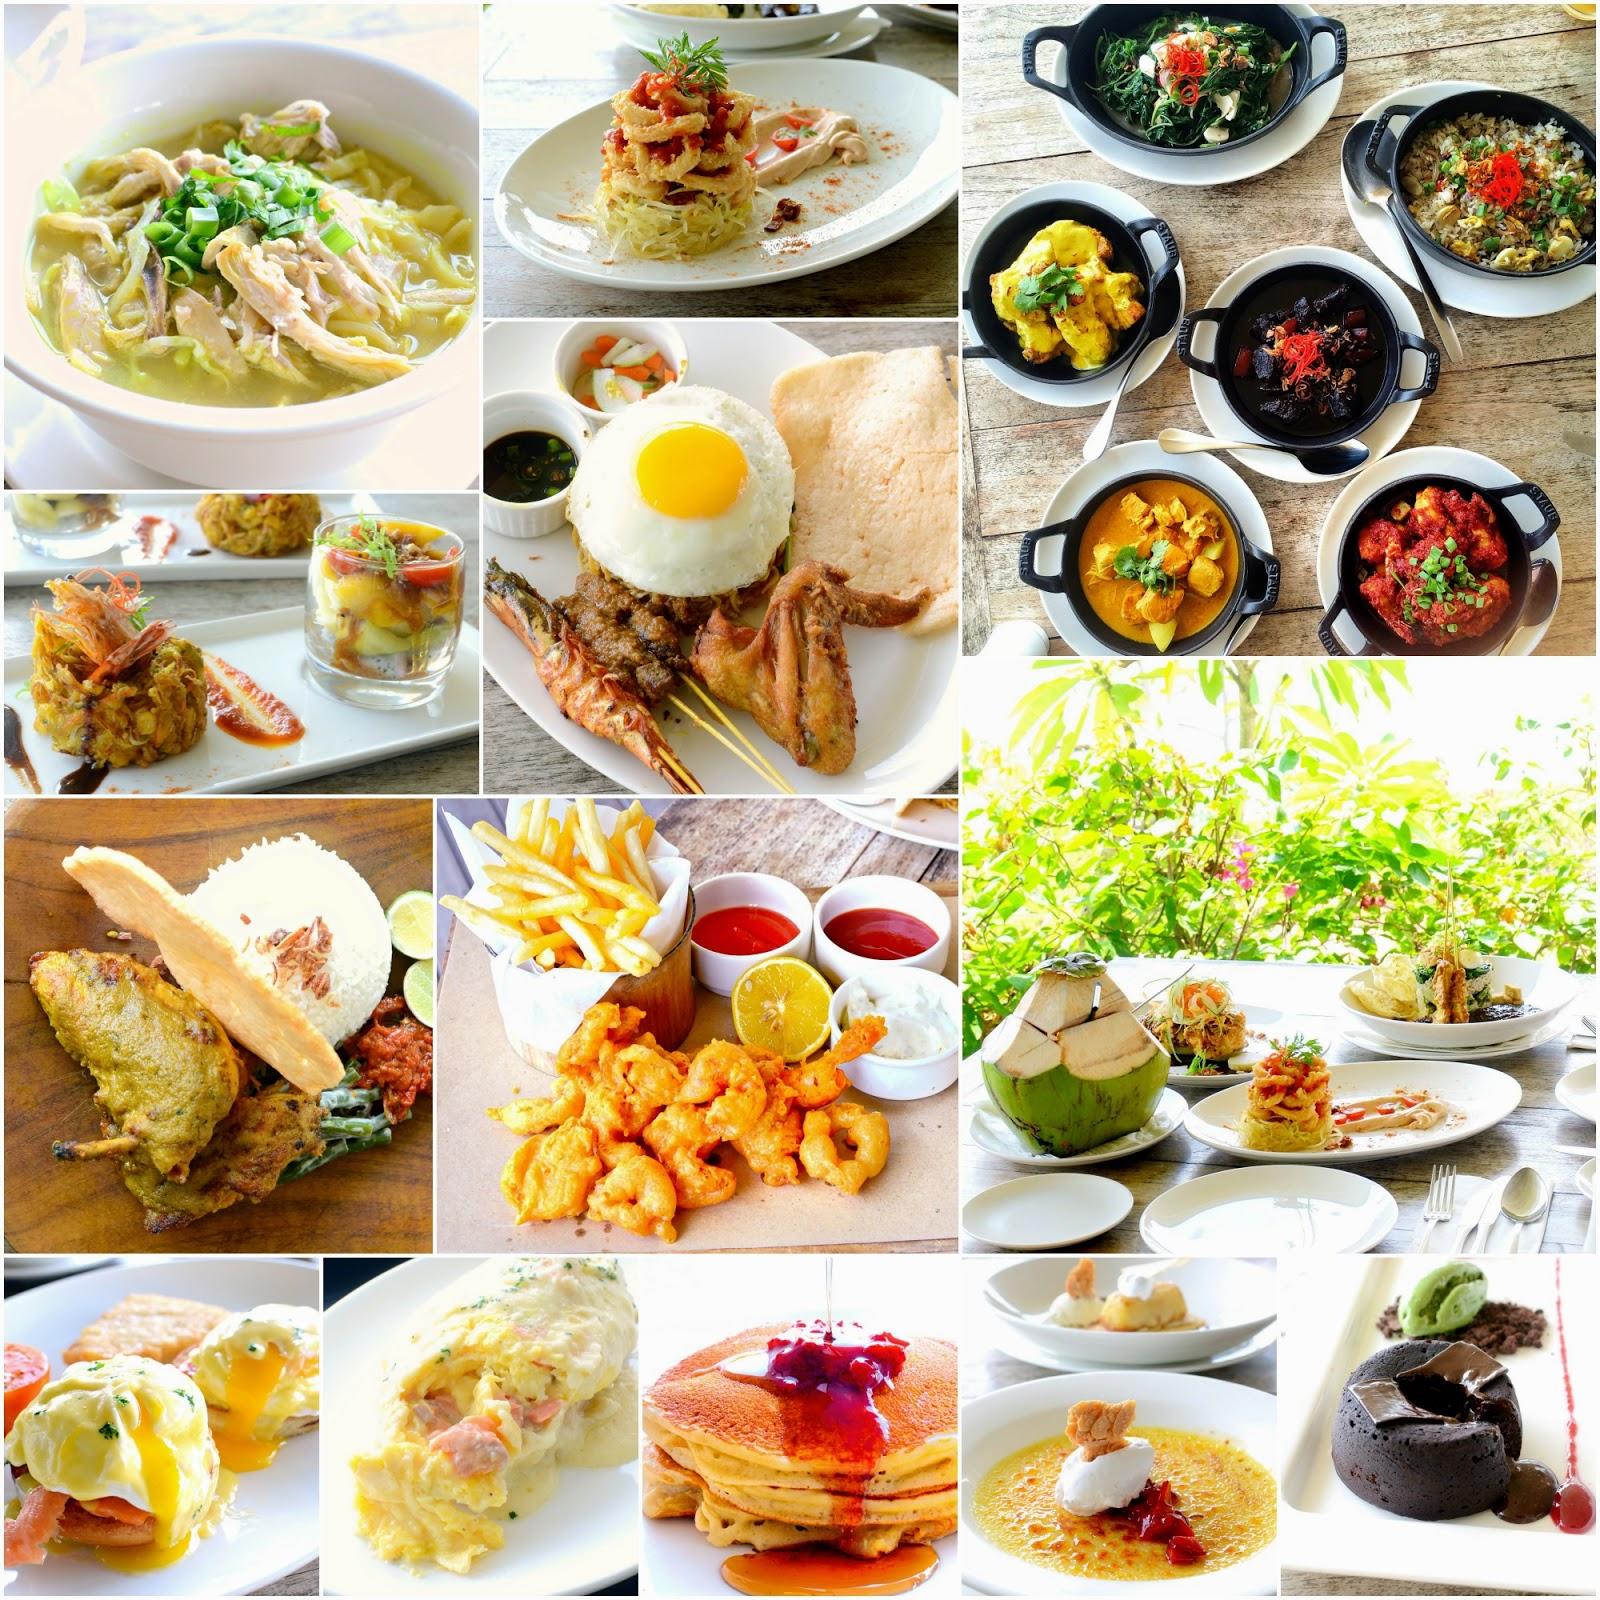 巴淡島:Montigo Resorts Nongsa Batam Tadd's - 地道印尼菜,海景相伴